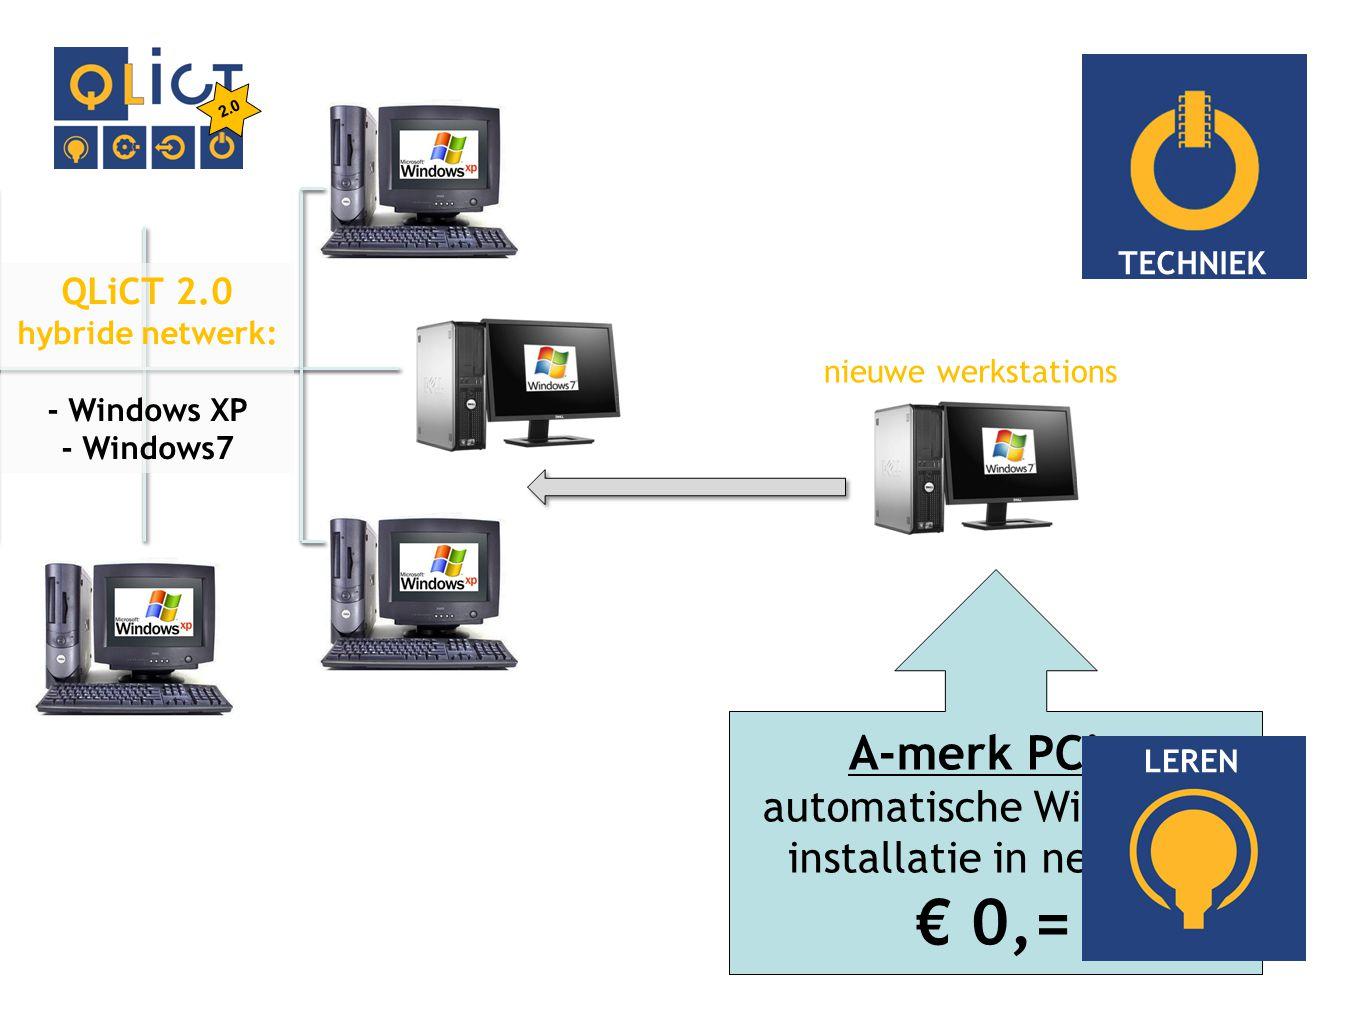 installatie in netwerk